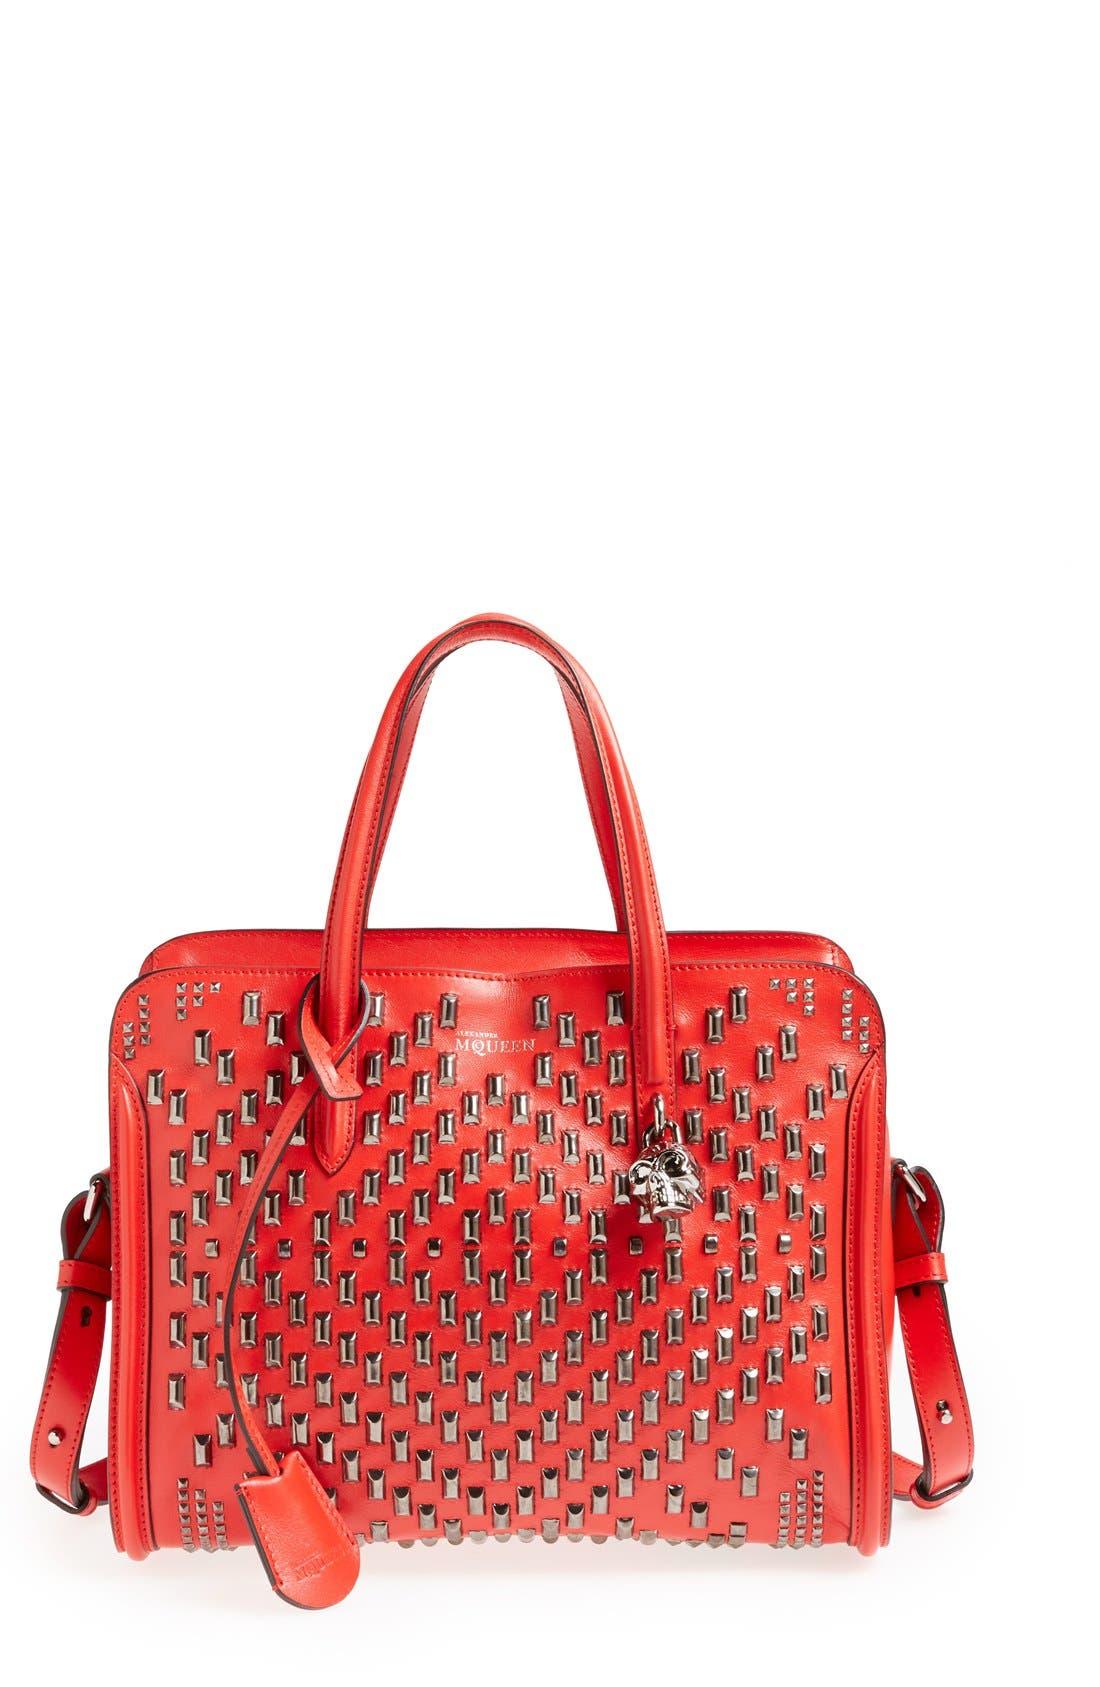 Main Image - Alexander McQueen 'Small Padlock' Studded Duffel Bag